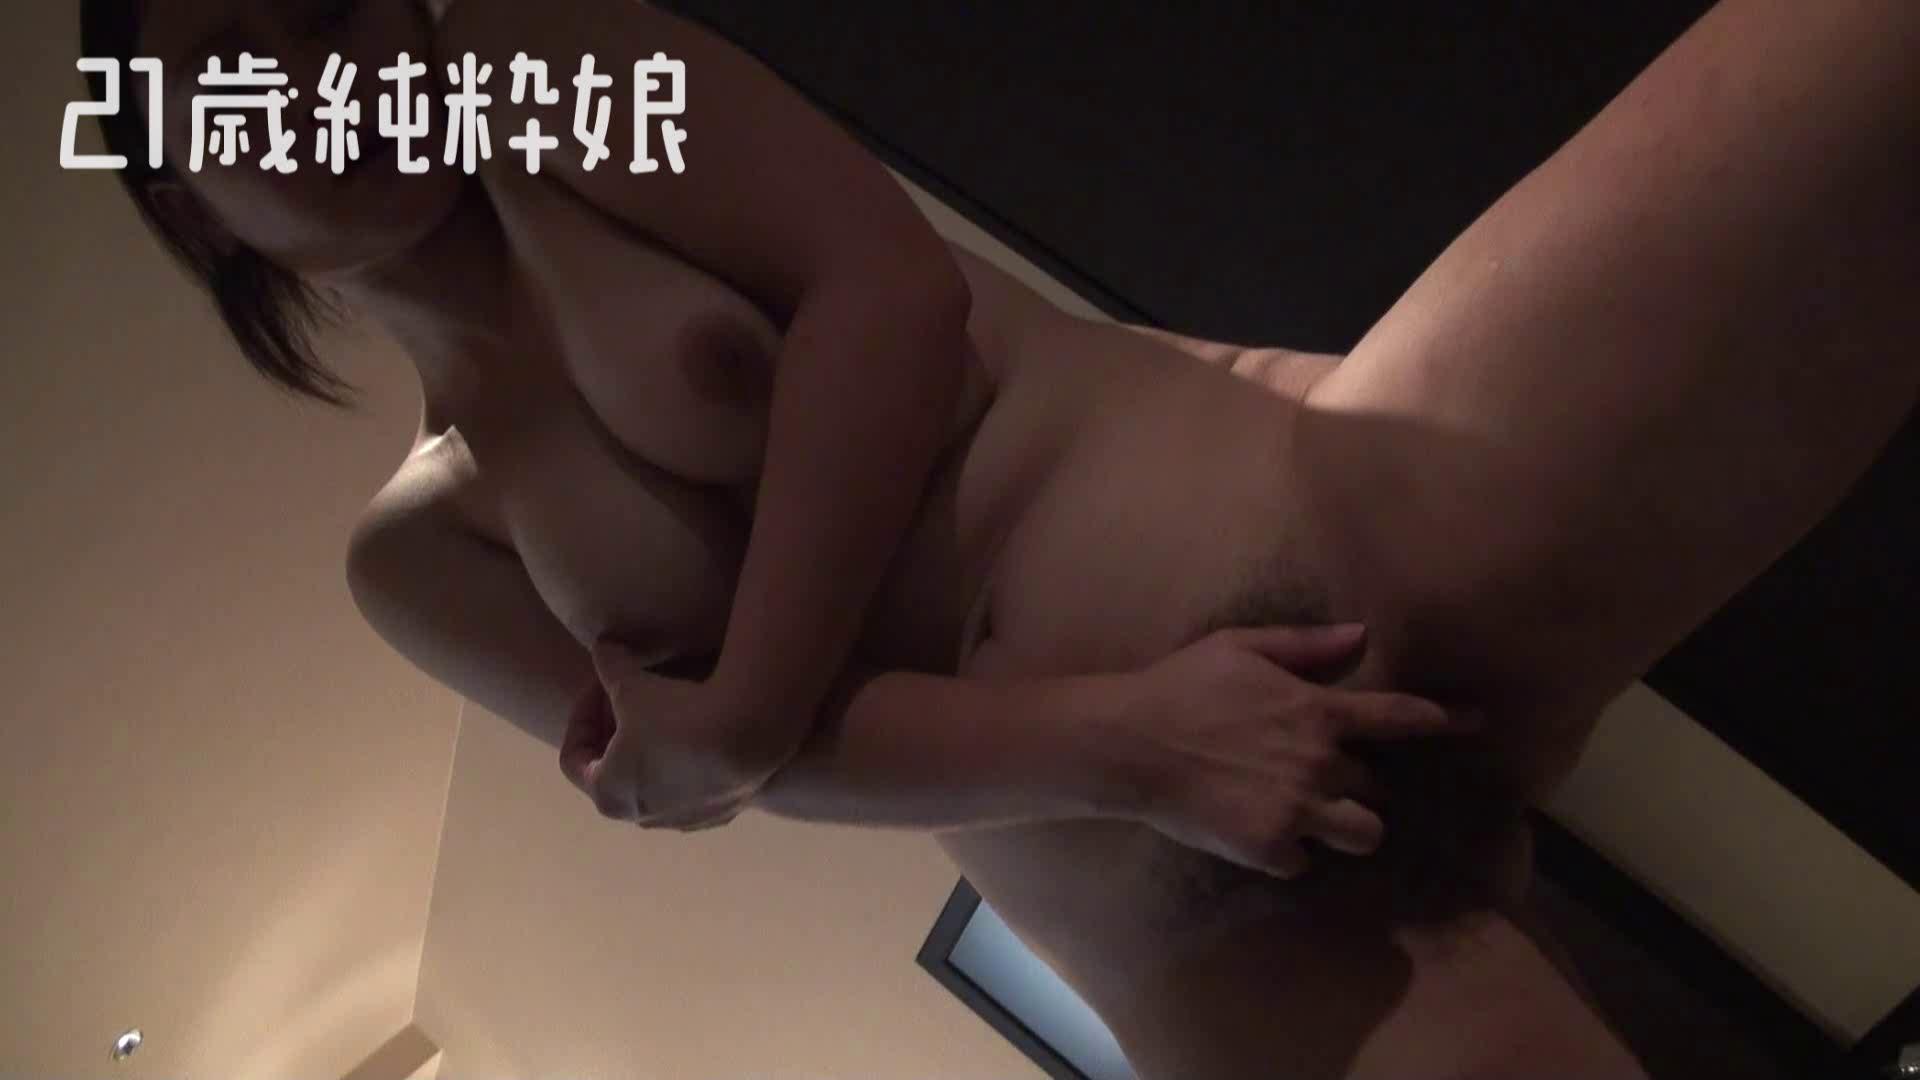 上京したばかりのGカップ21歳純粋嬢を都合の良い女にしてみた2 オナニー特集 | ギャル達のSEX  77画像 13